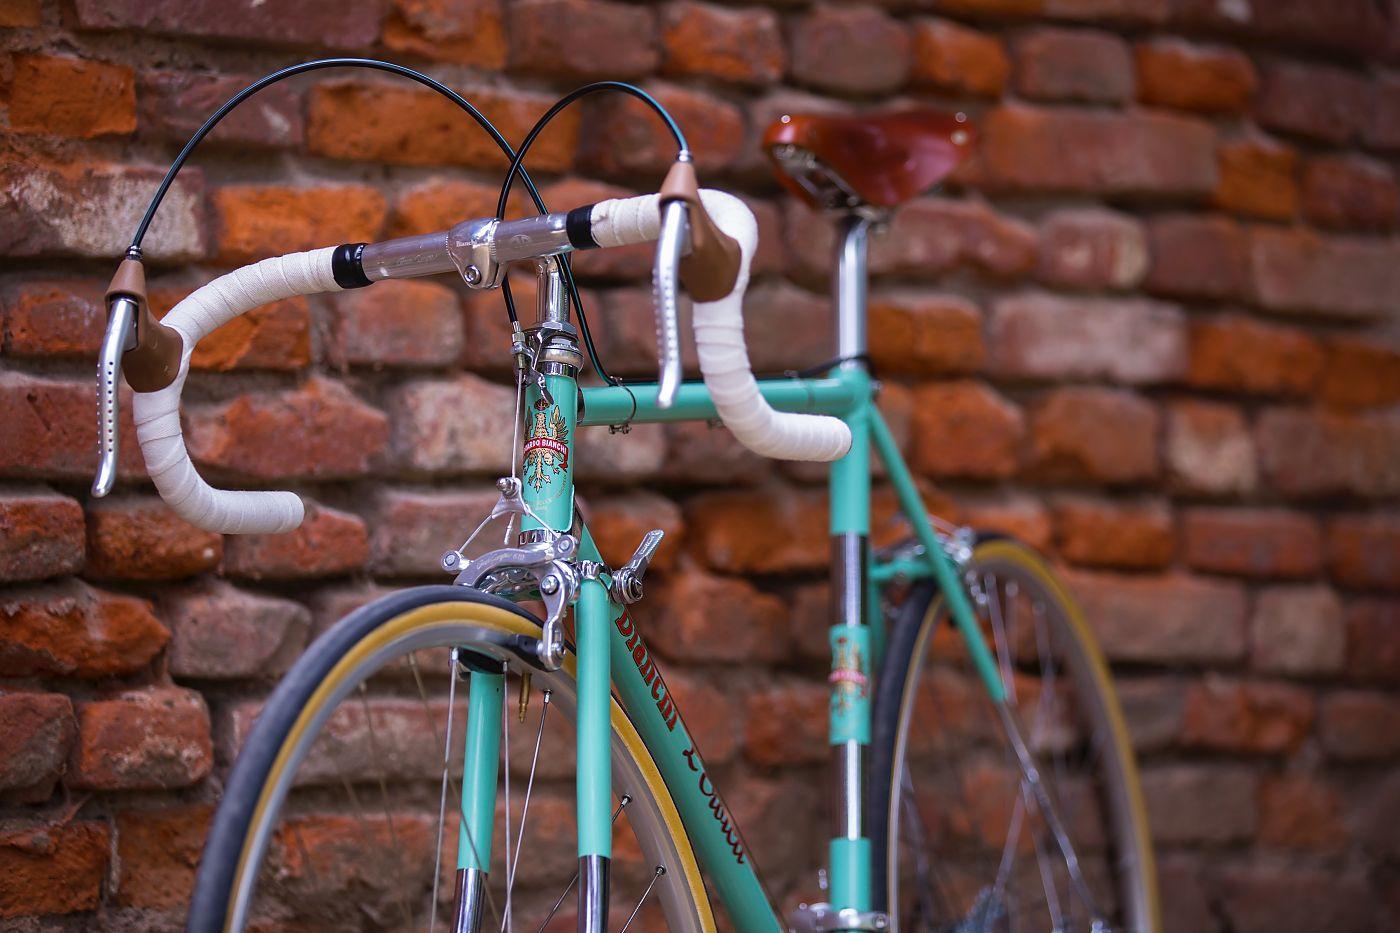 Bianchi L'Eroica: a Vintage Inspired Road Bike